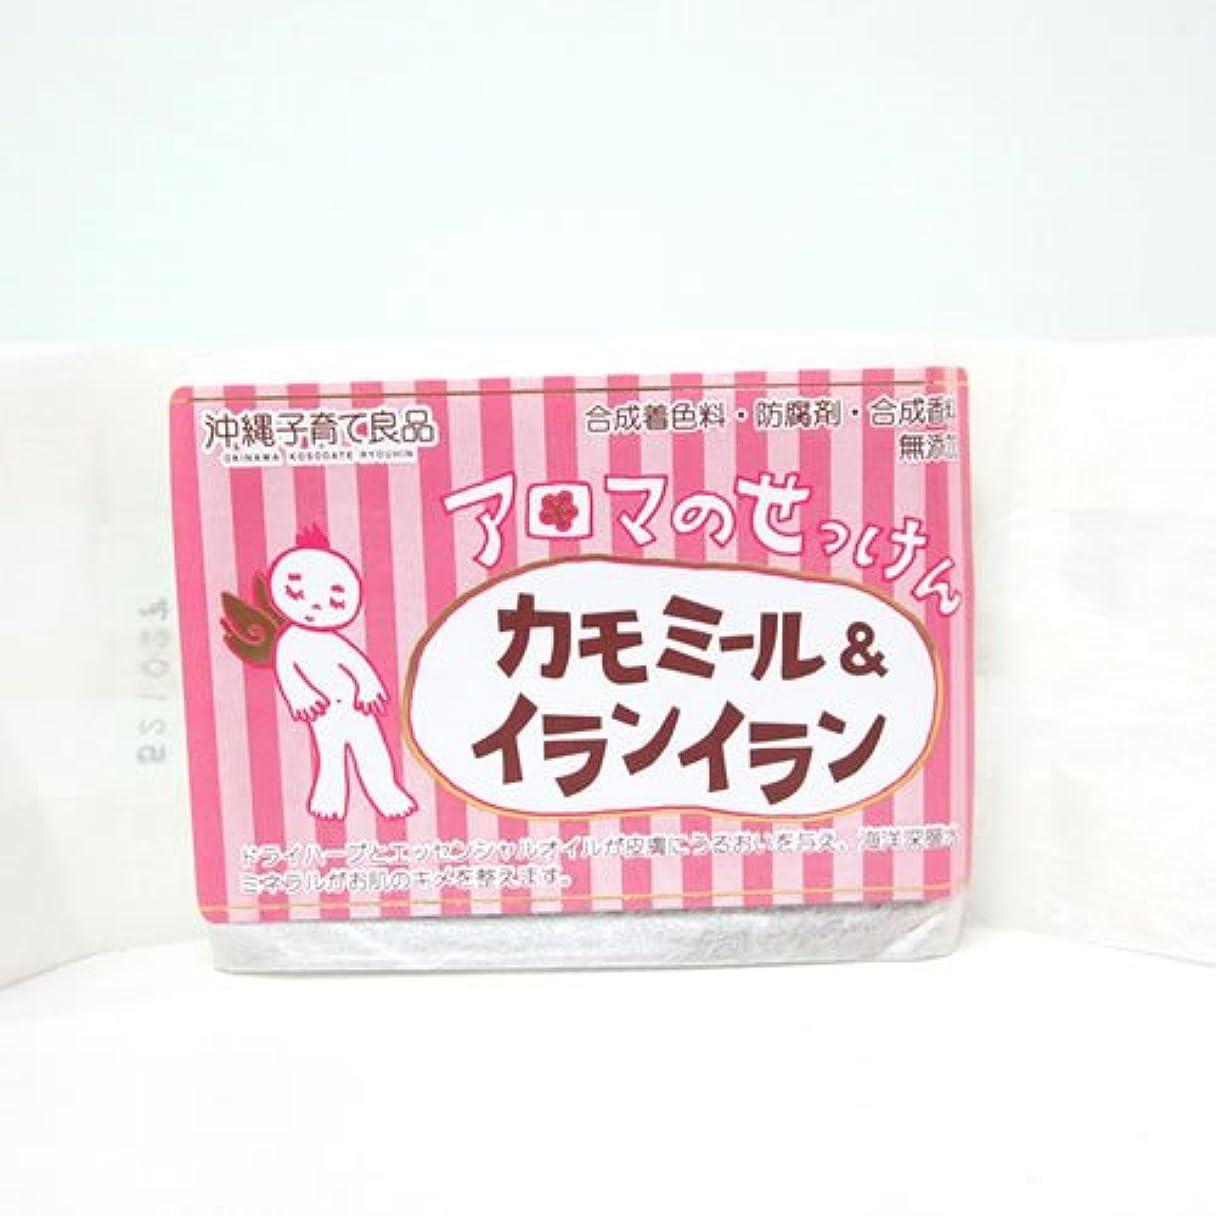 沖縄子育て良品 アロマのせっけん カモミール (100g)